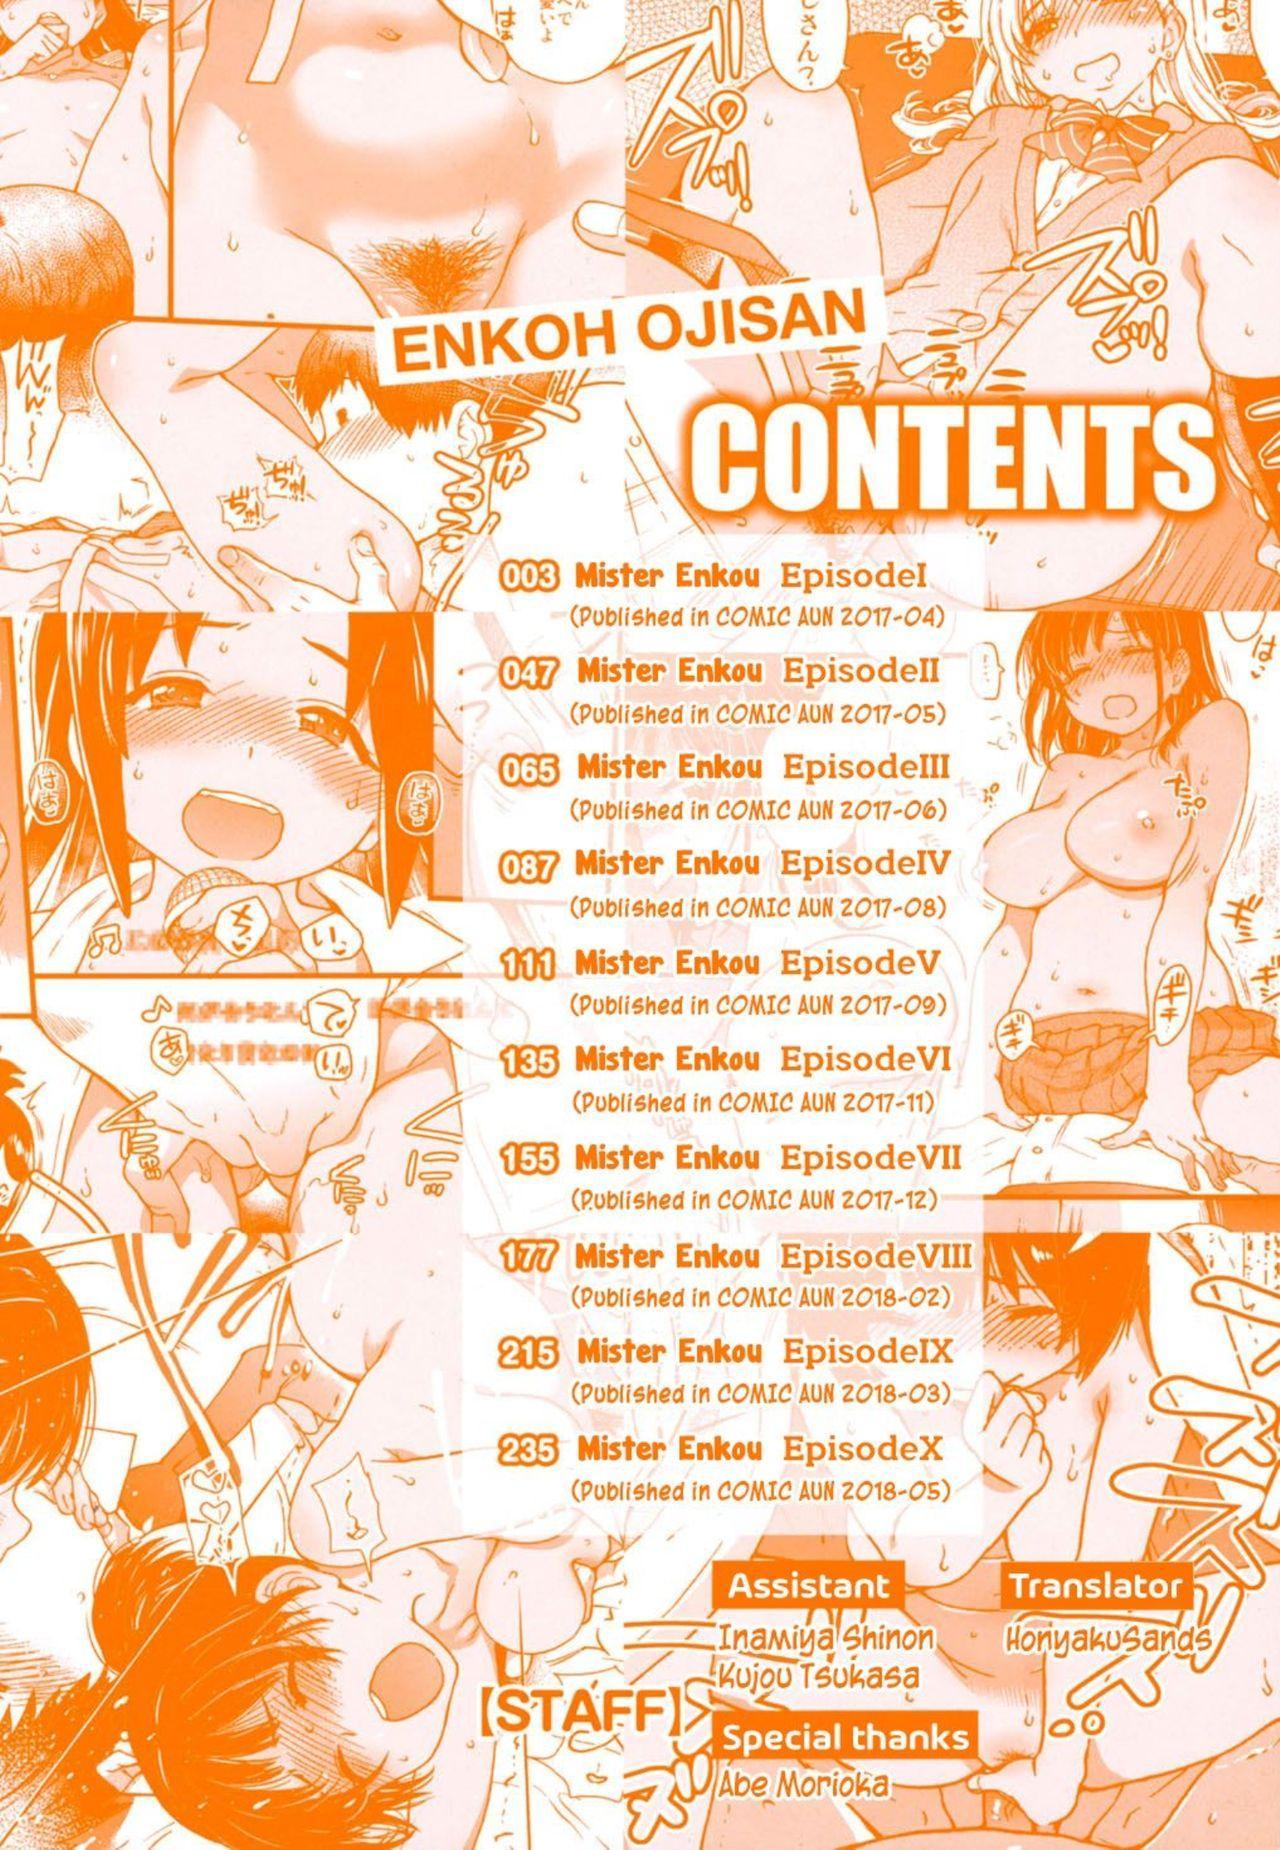 Enkou Ojisan 3